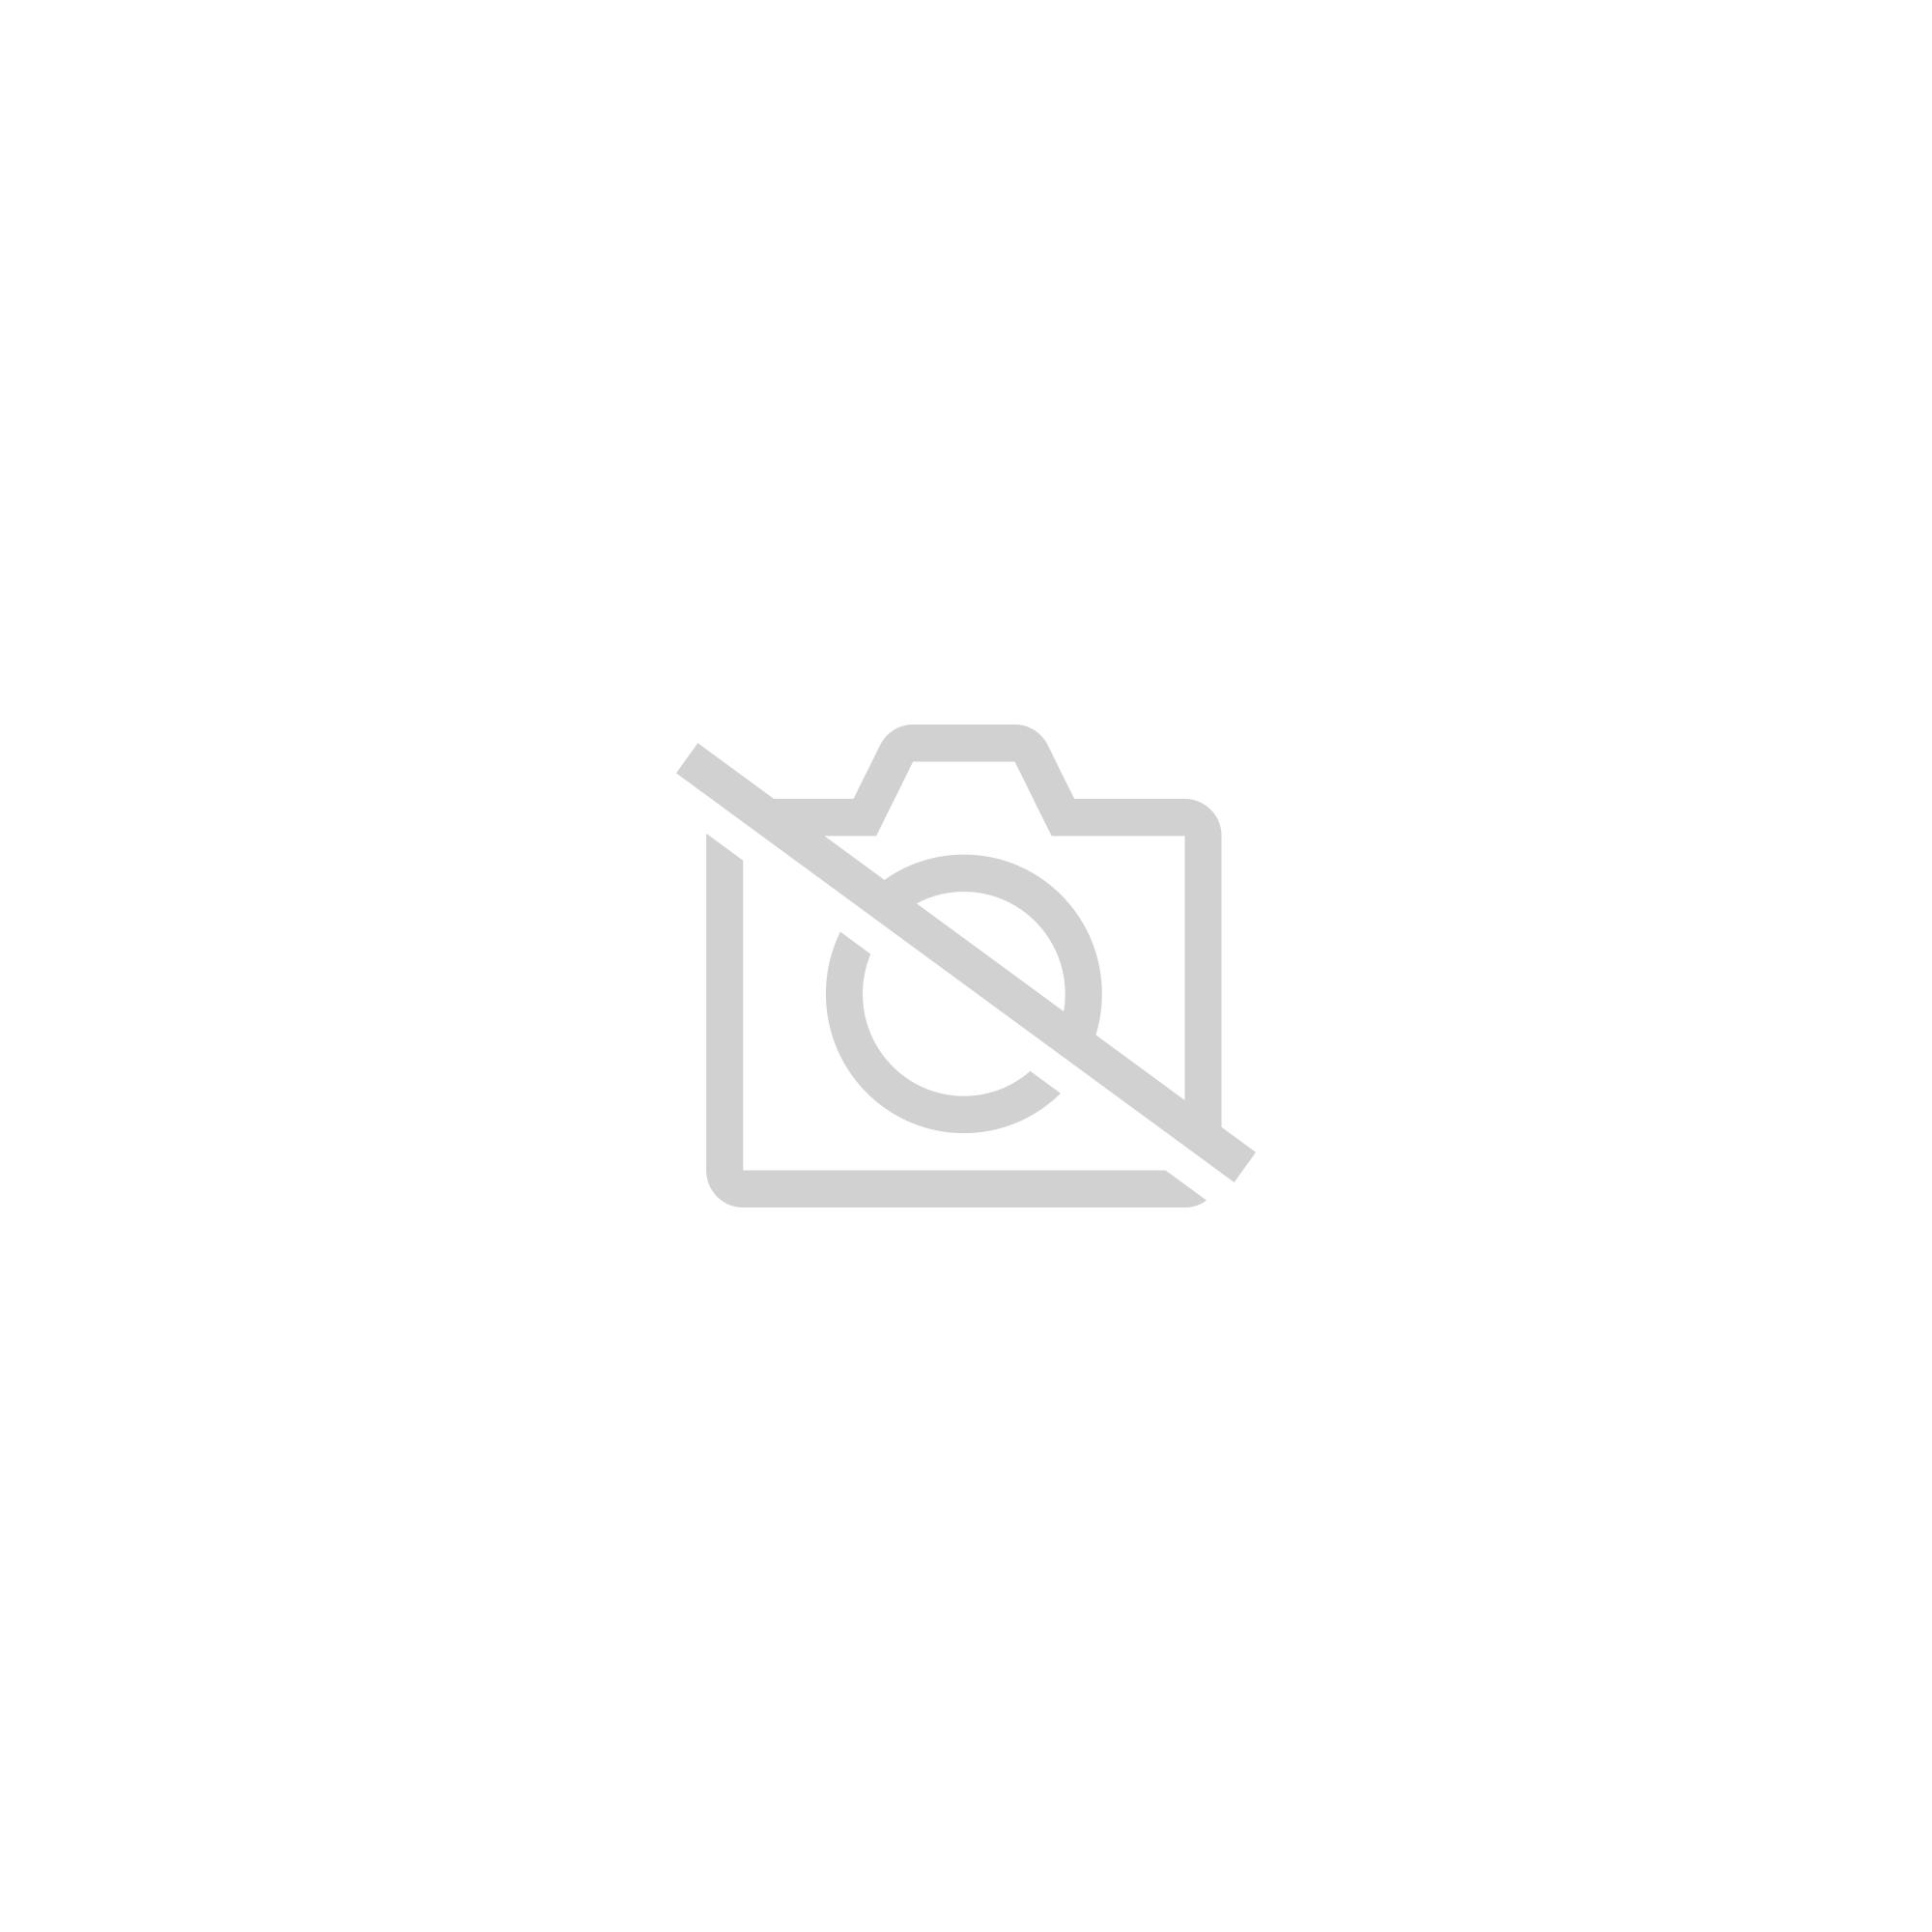 10 Bijoux Perles Acrylique D�polie Fleur Couleur Brillant Sans Nickel++++++